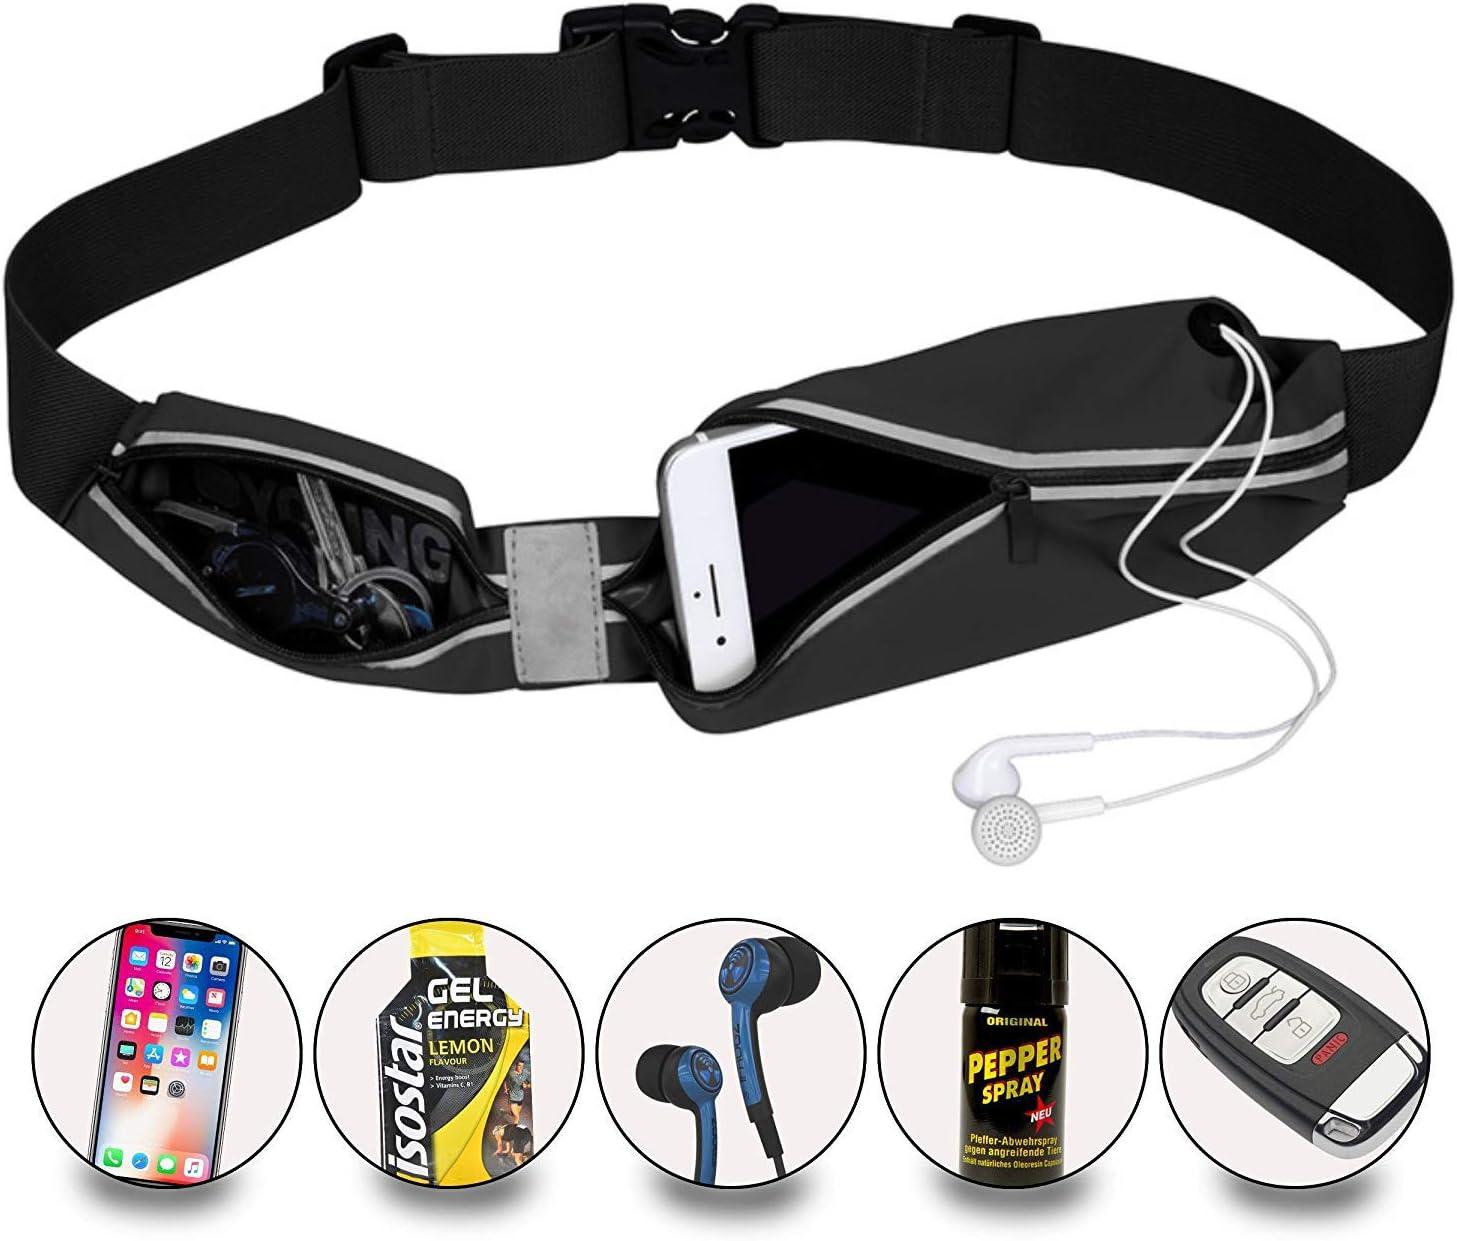 RunChao Running Belt Waist Pack, Pocket Outdoor Sweatproof Water-Resistant Reflective Waist Bag Runners Belt, Fitness Workout Belt, iPhone X 6 7 8 for Men and Women